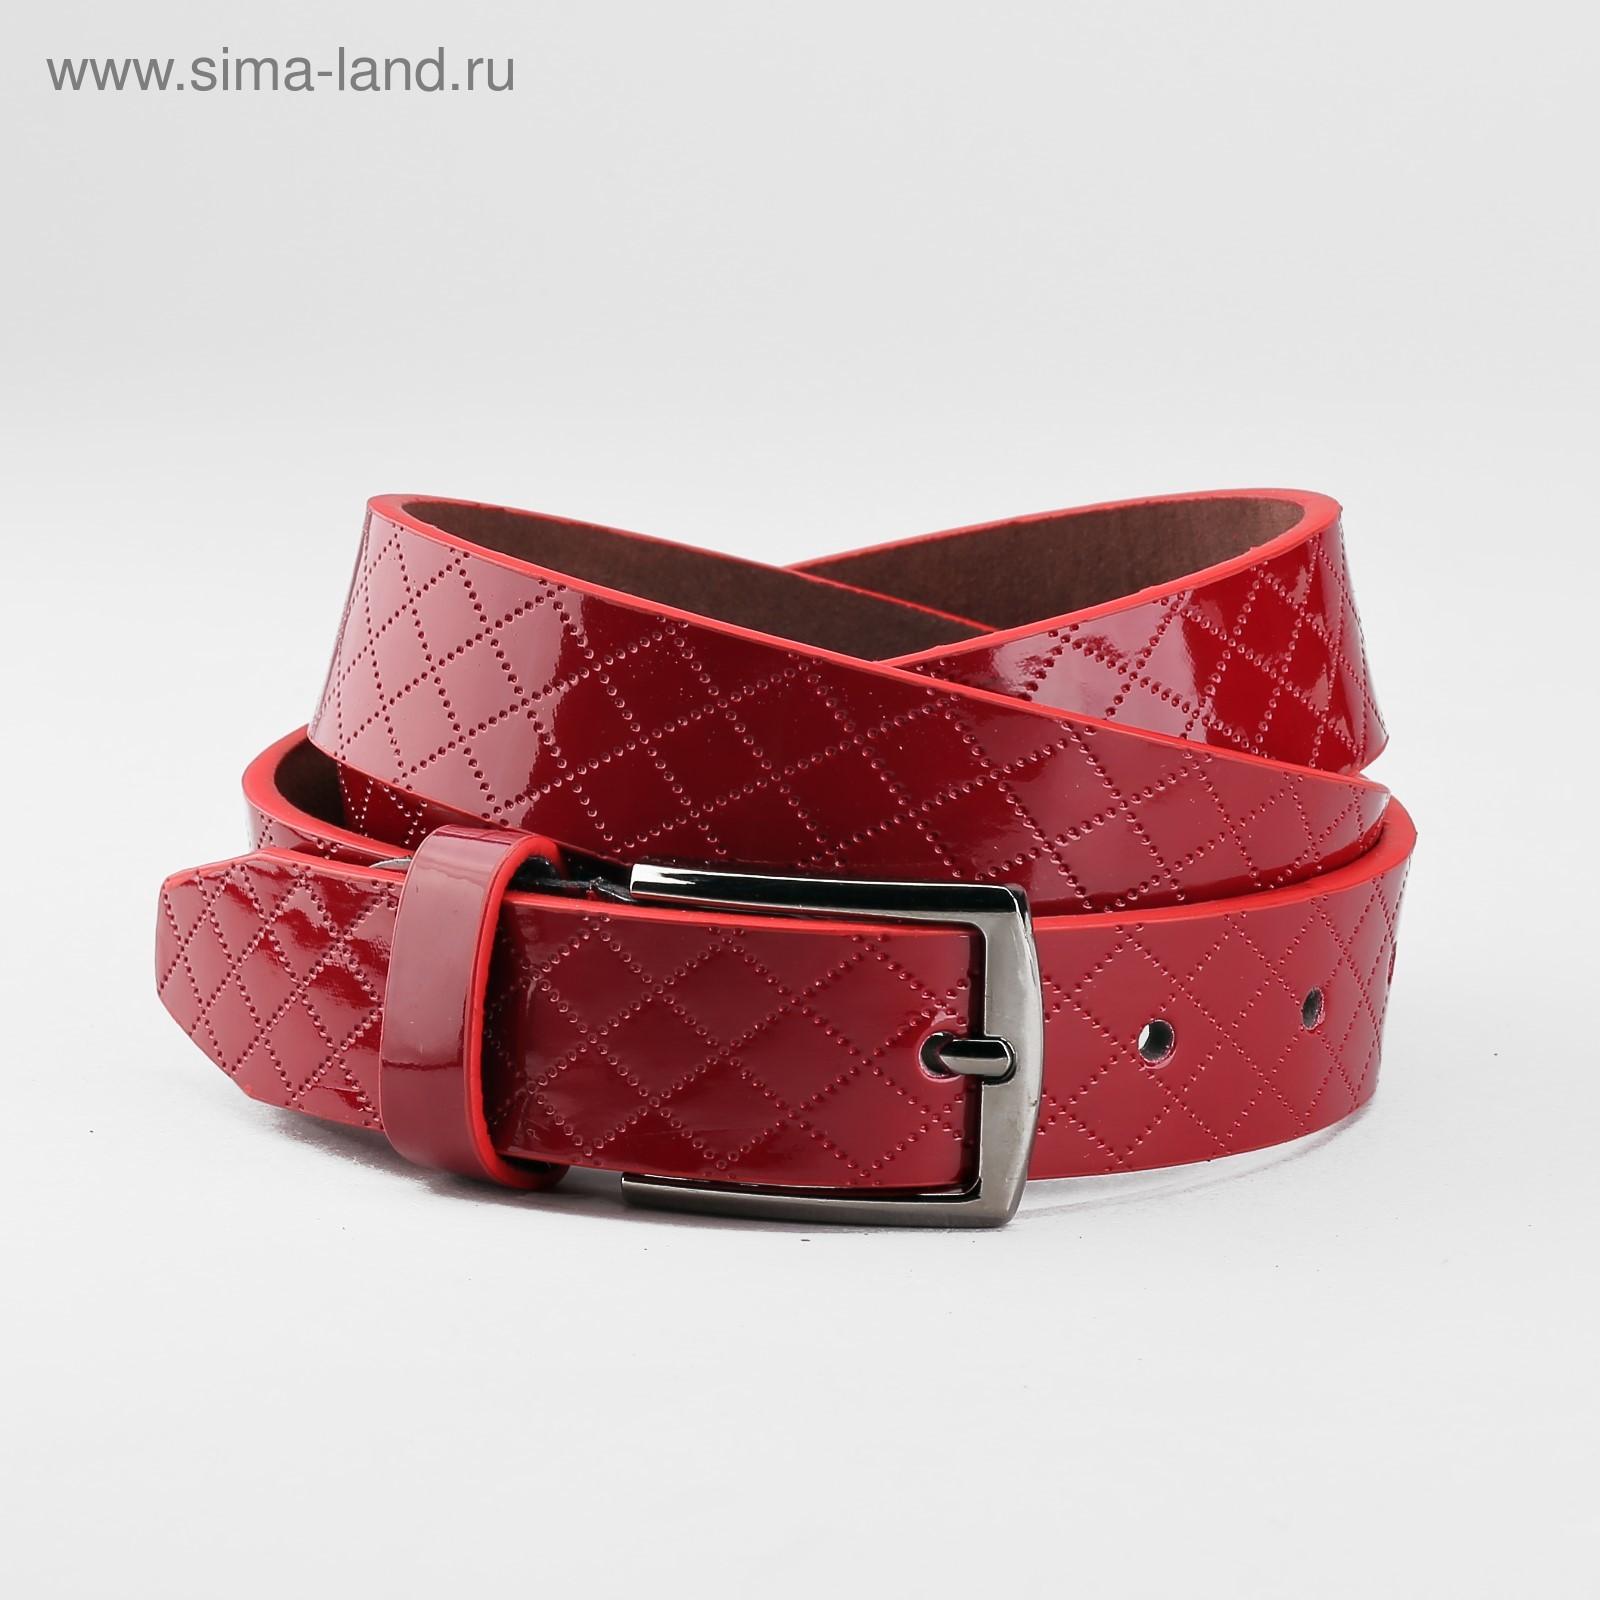 550ffaba3dc9 Ремень женский, пряжка тёмный металл, ширина - 2,8 см, цвет бордовый ...